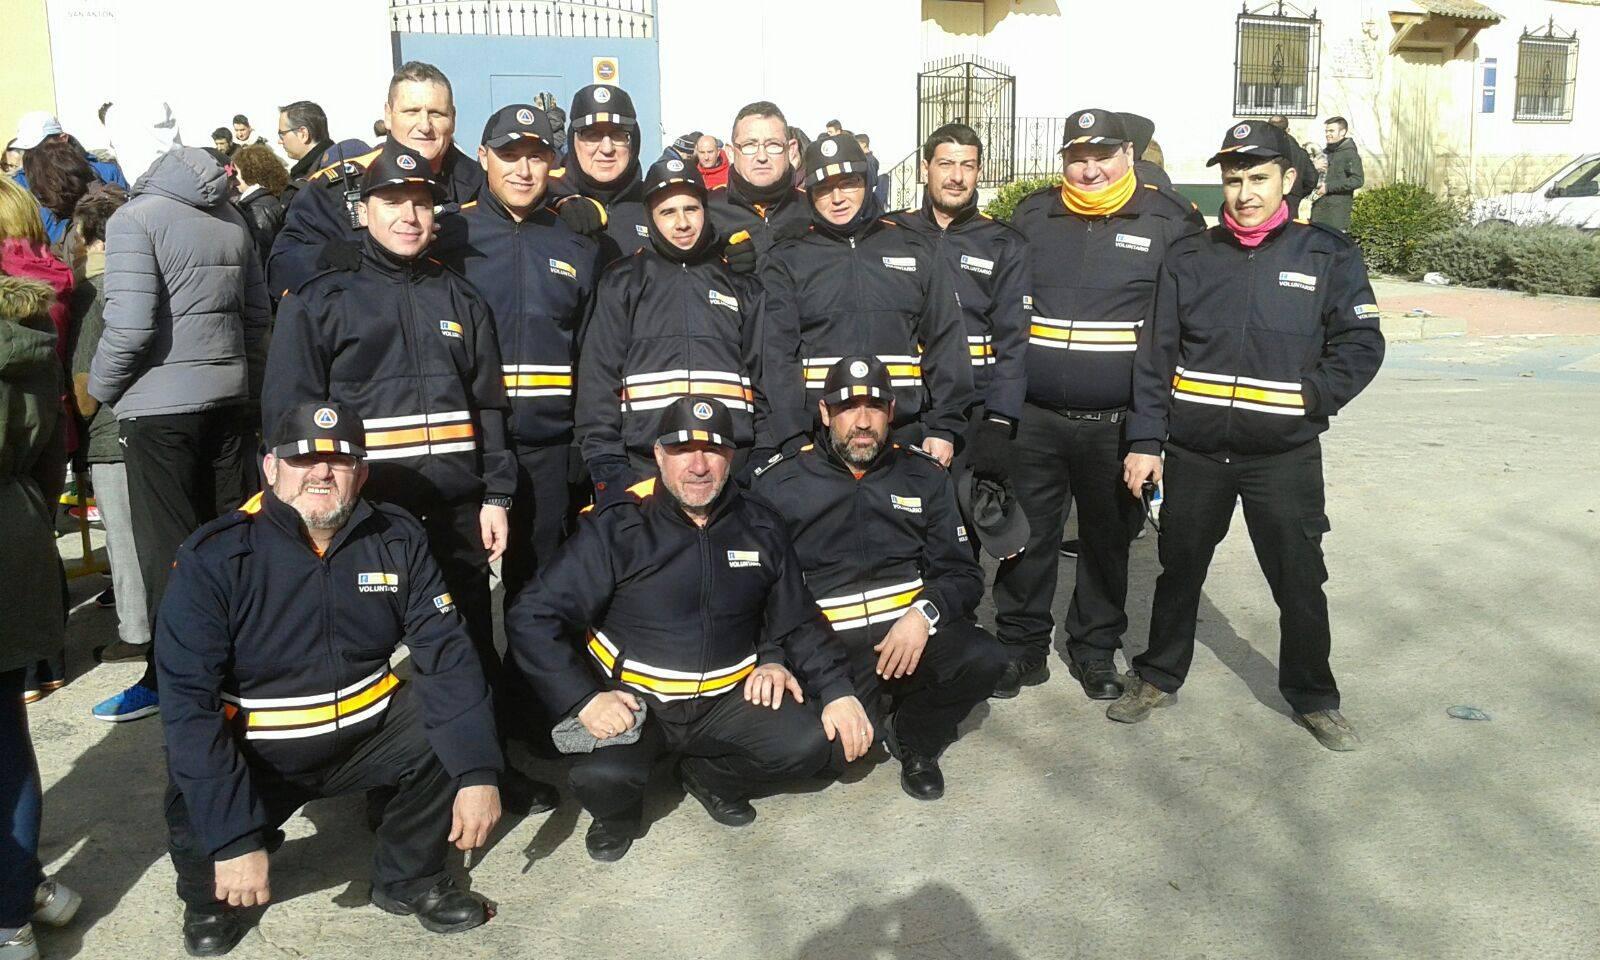 proteccion civil en carrera popular san anton 2017